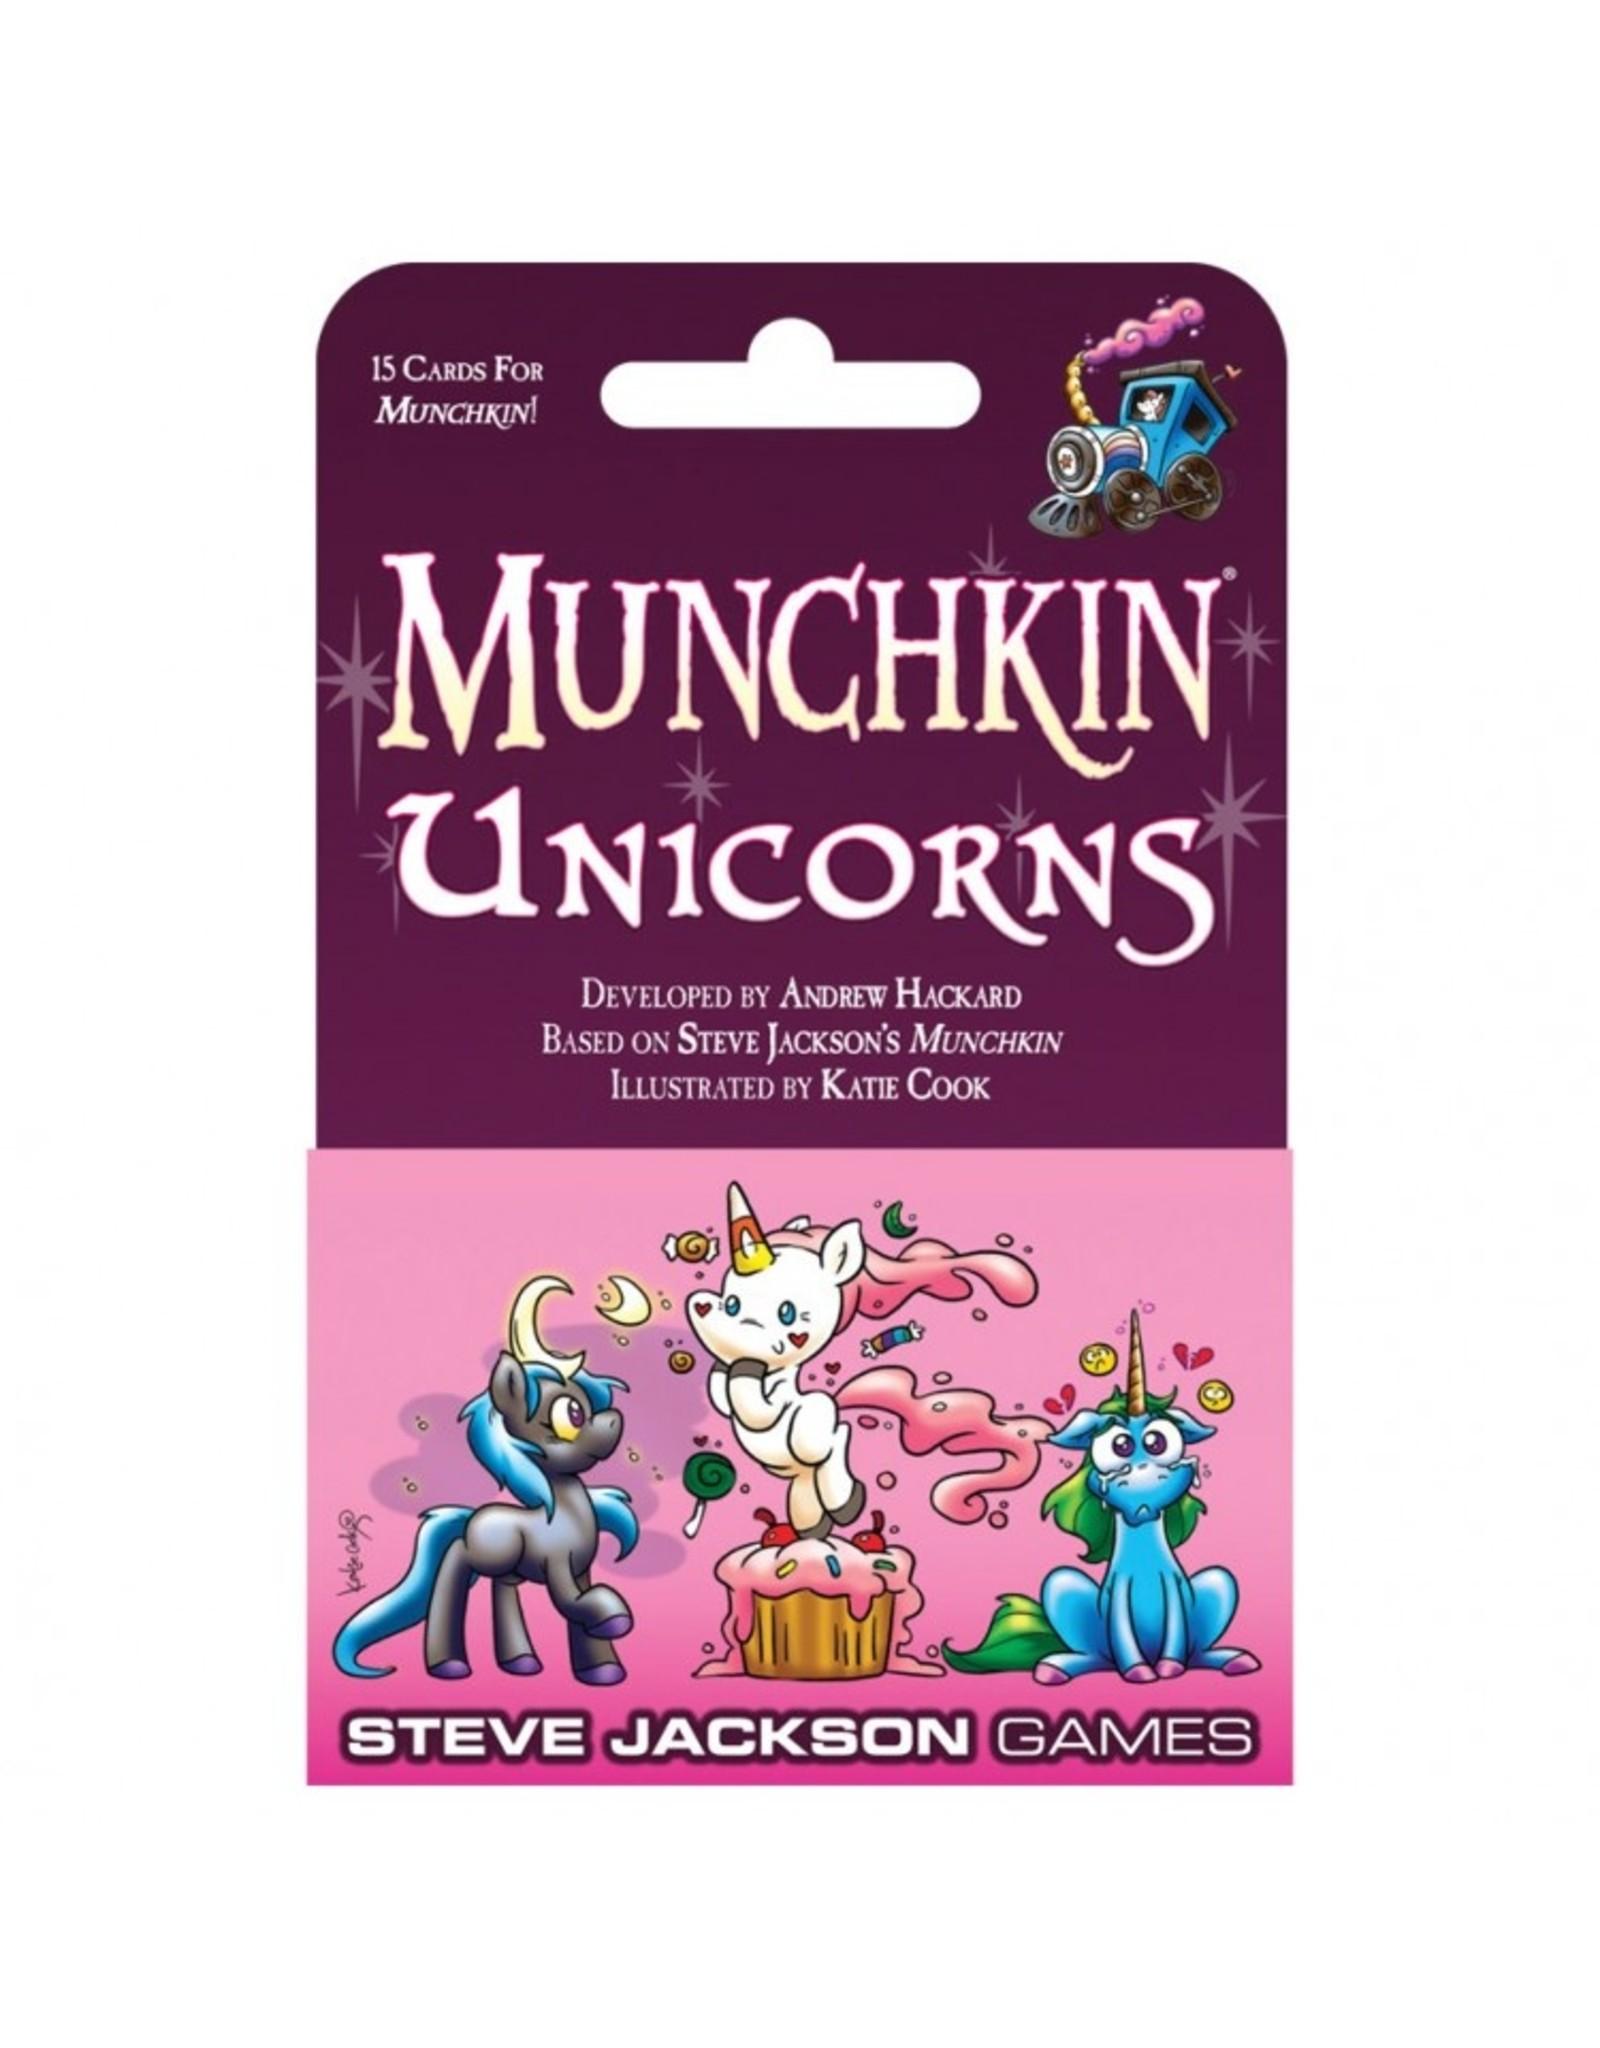 Munchkin: Unicorns